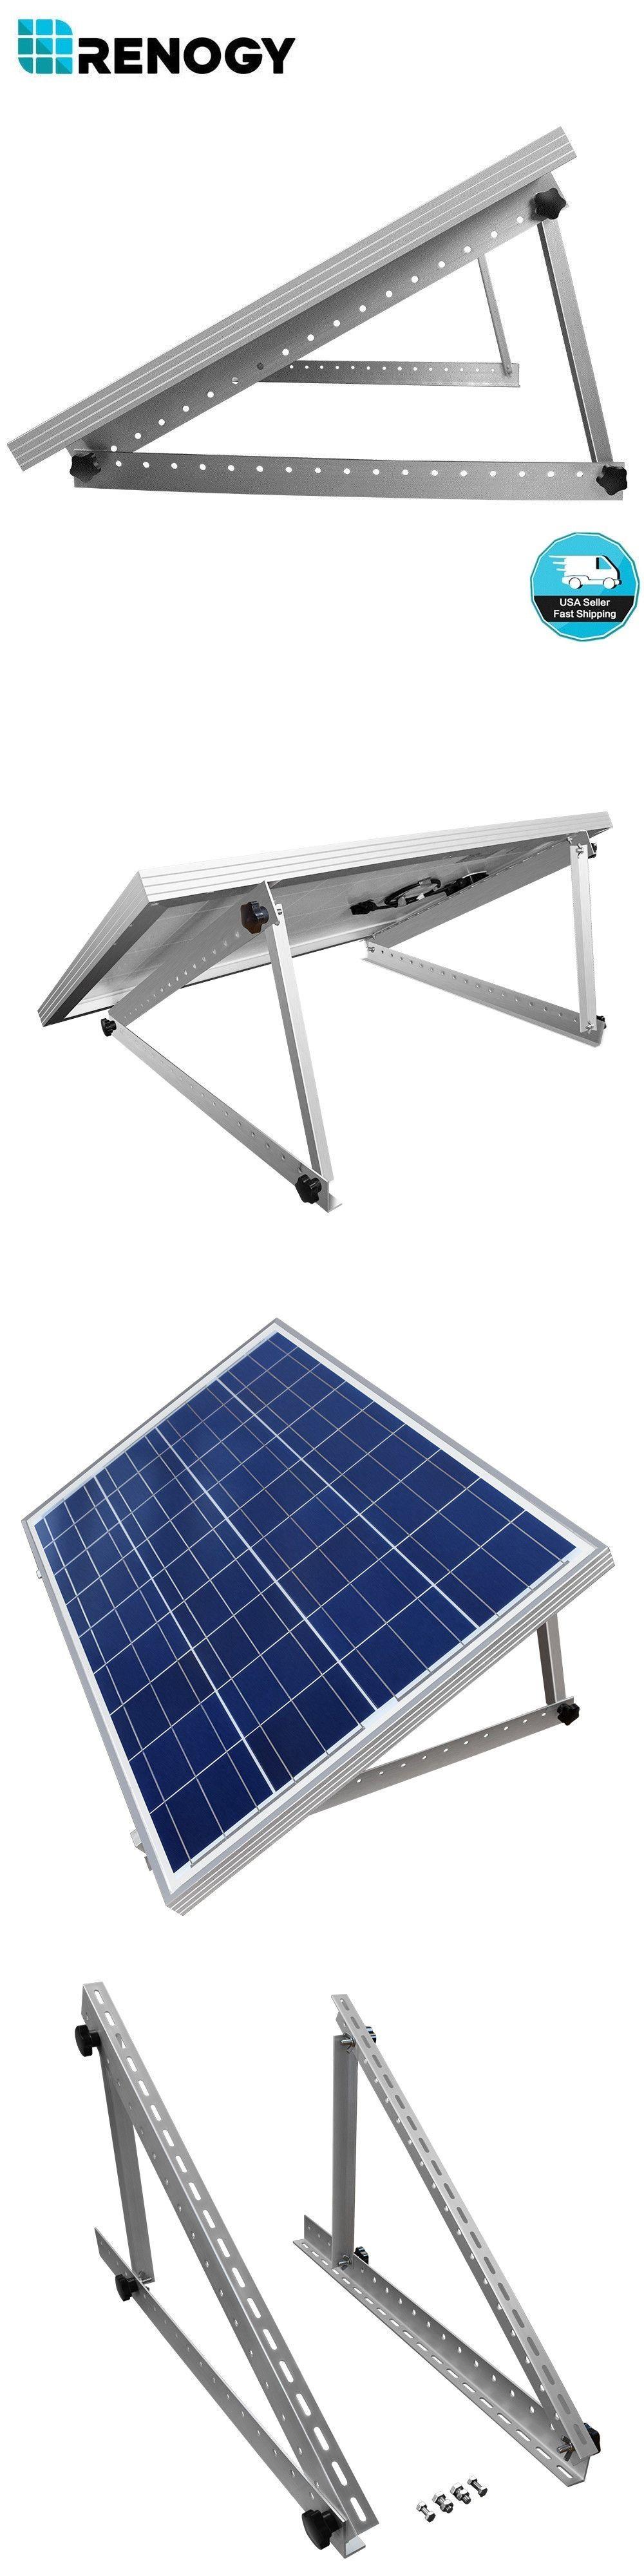 Alternative And Solar Energy 41979 Renogy Solar Panel Tilt Mount Brackets Rv Flat Surface Mounting Set Adjustable Buy It Solar Panels Rv Solar Panels Solar